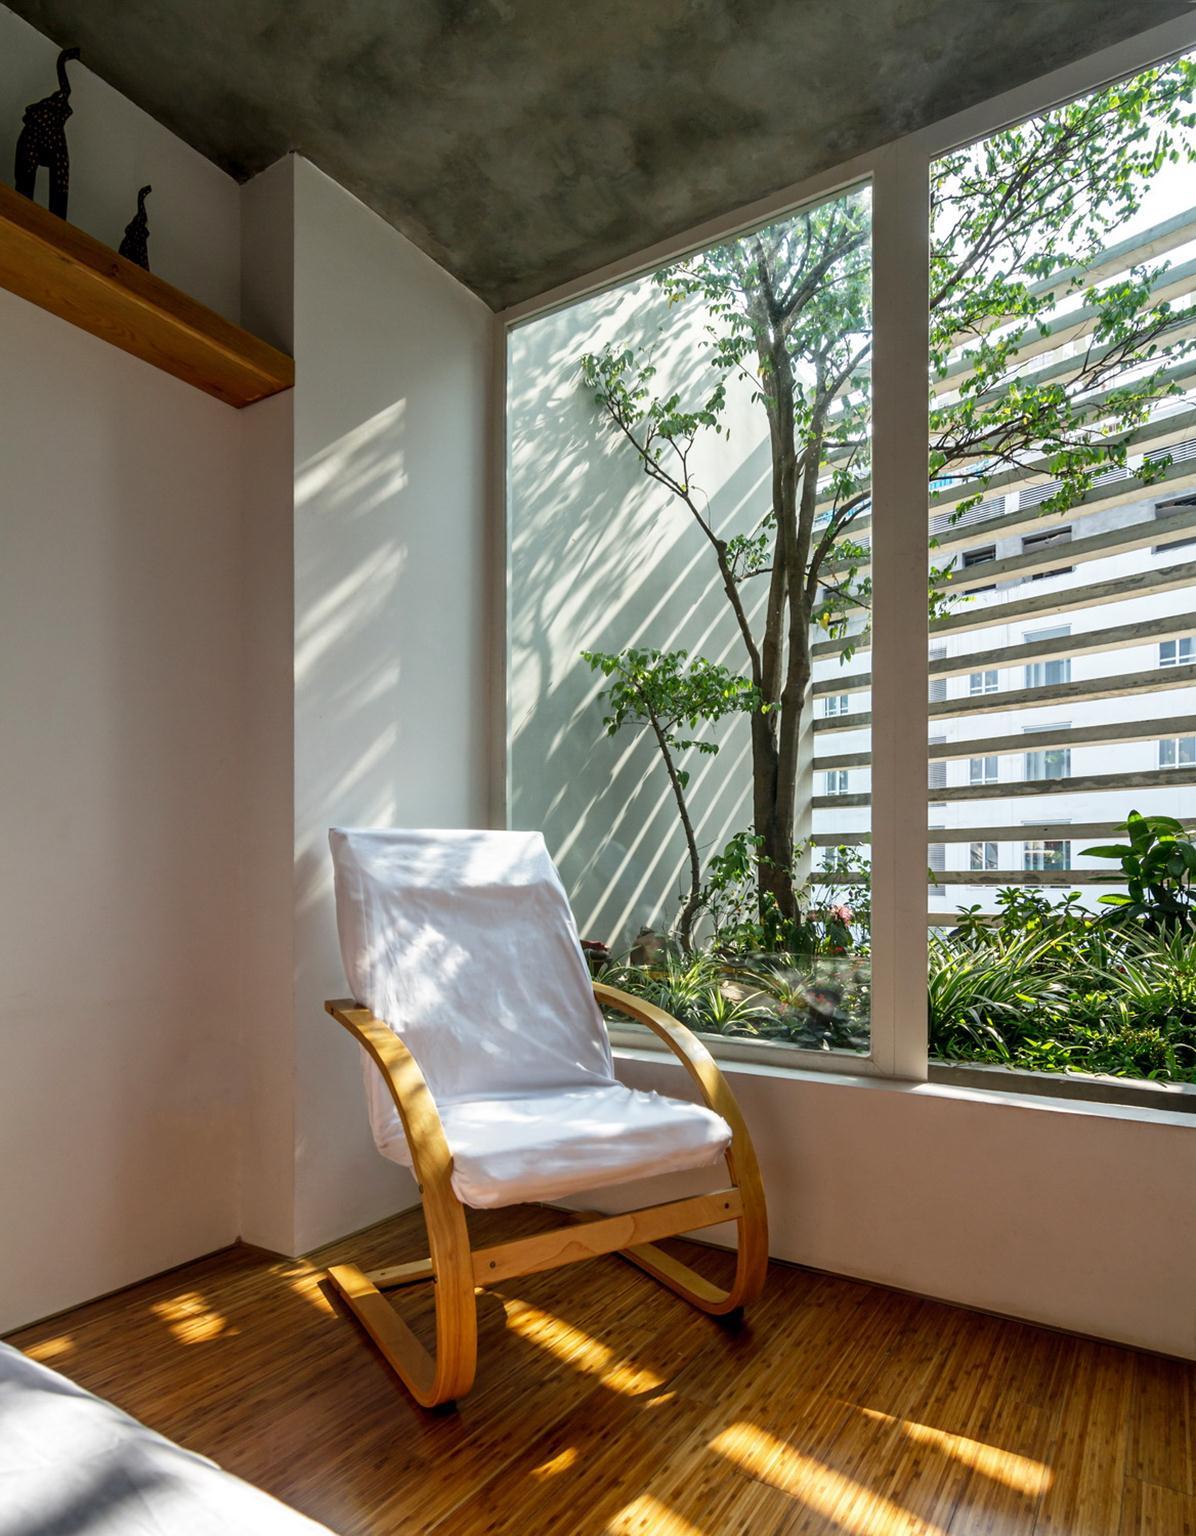 15_Bedroom4_Hoang Le (Copy)